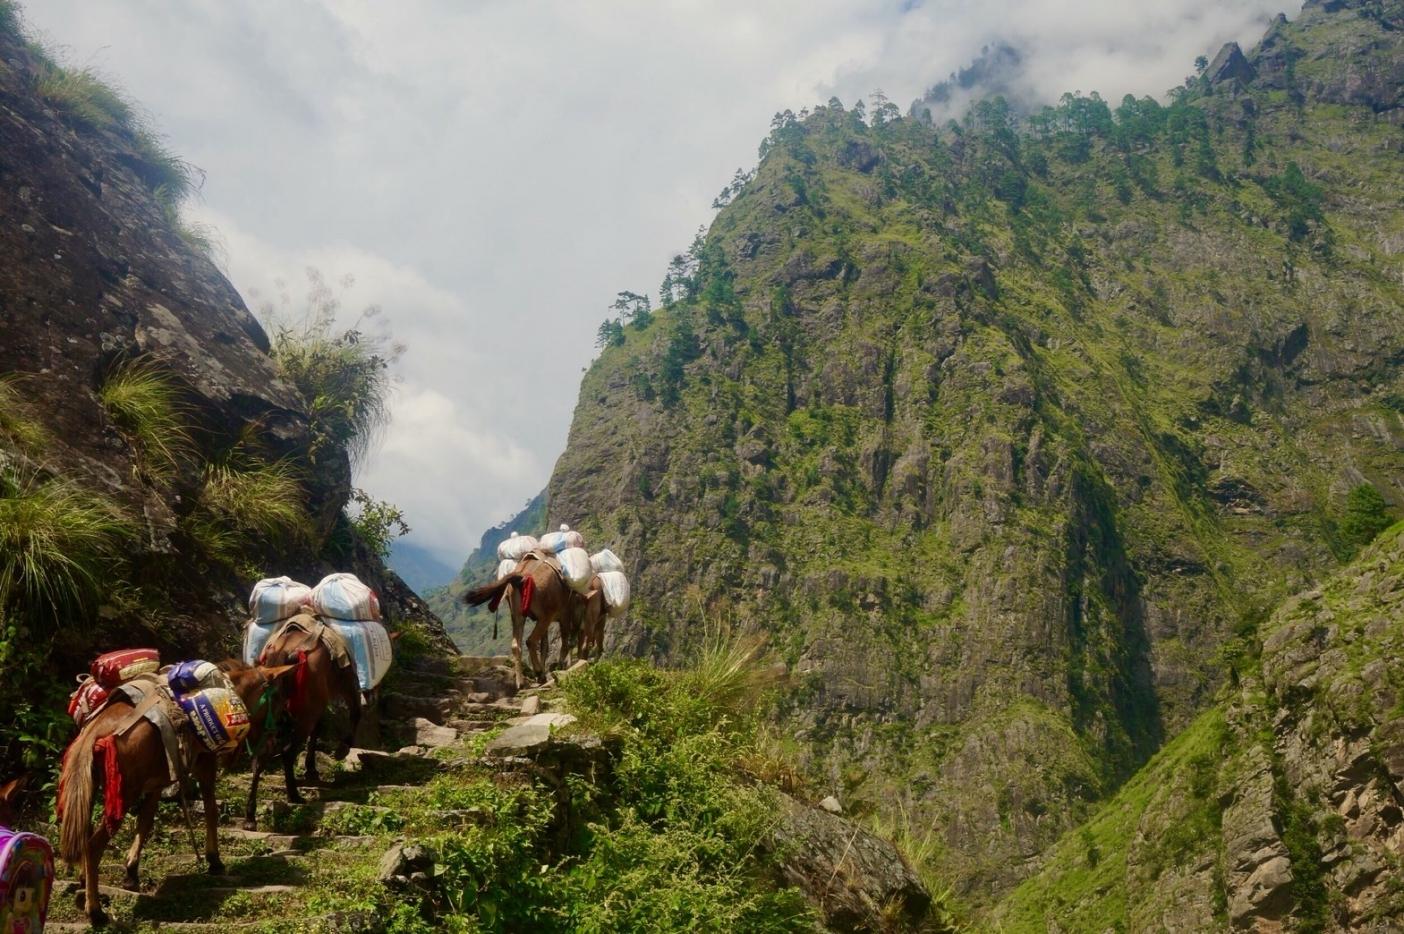 片道100キロにおよぶ BCへのキャラバンのスタートは壮大な渓谷を進む。写真:福田倫史